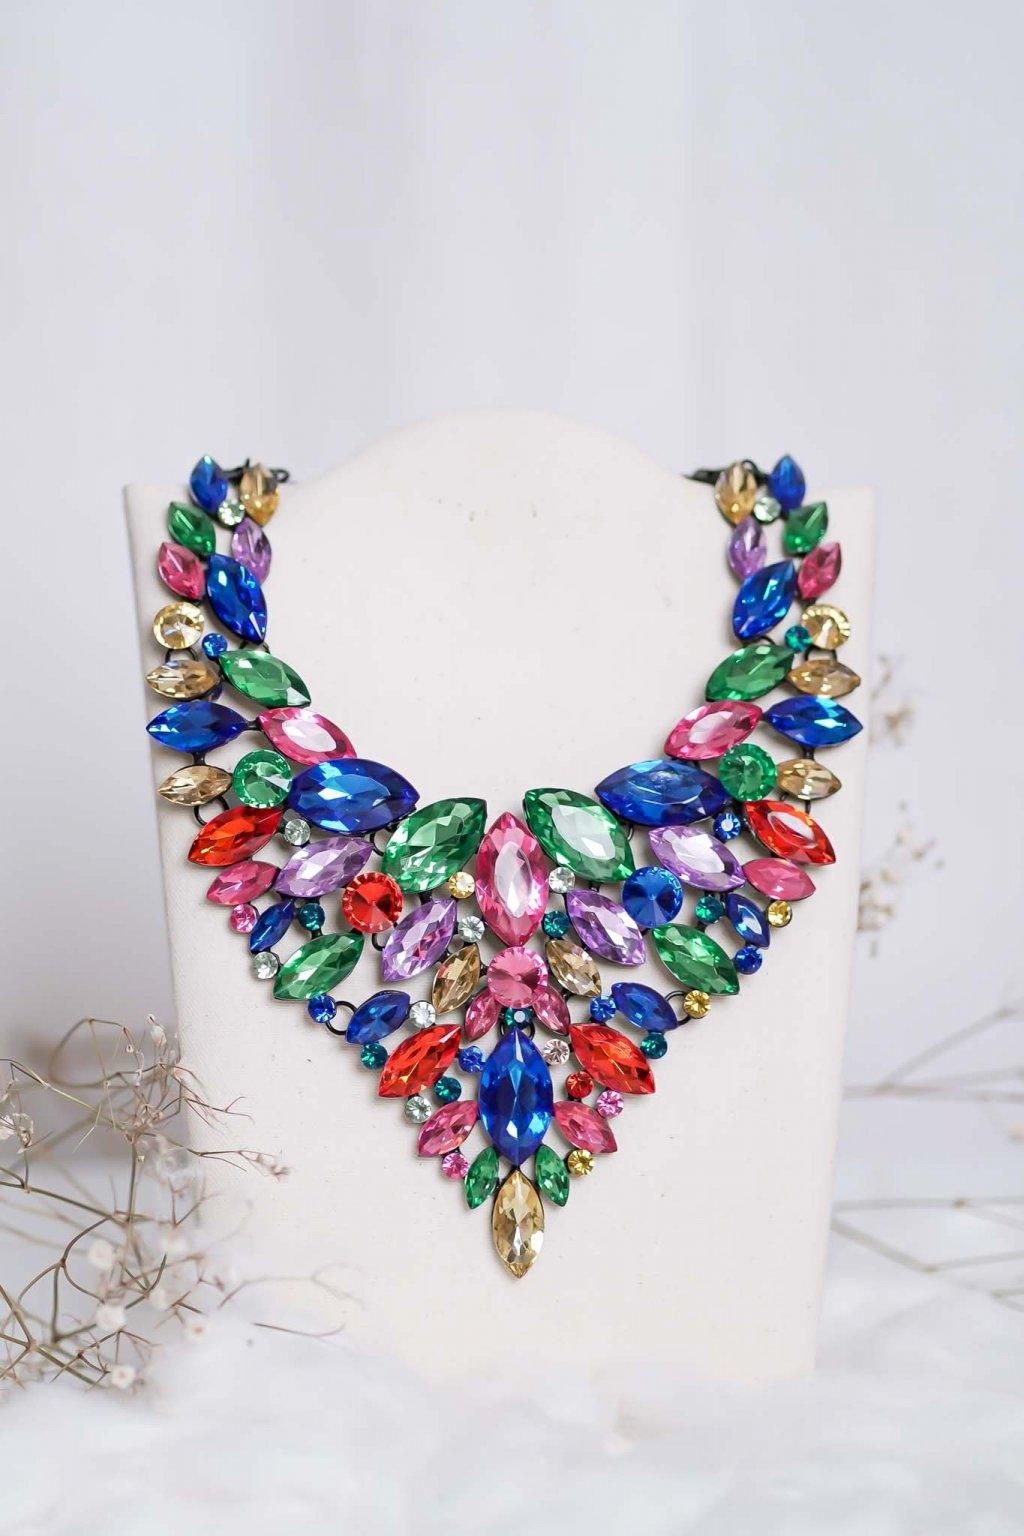 náhrdelník, spoločenský, bežný deň, kamienkový, farebný, čierny, strieborný, zelený, cyklamenévy, náhrdelník, bižuteria, šperk, šperky, ples, stužková, svadba, 012